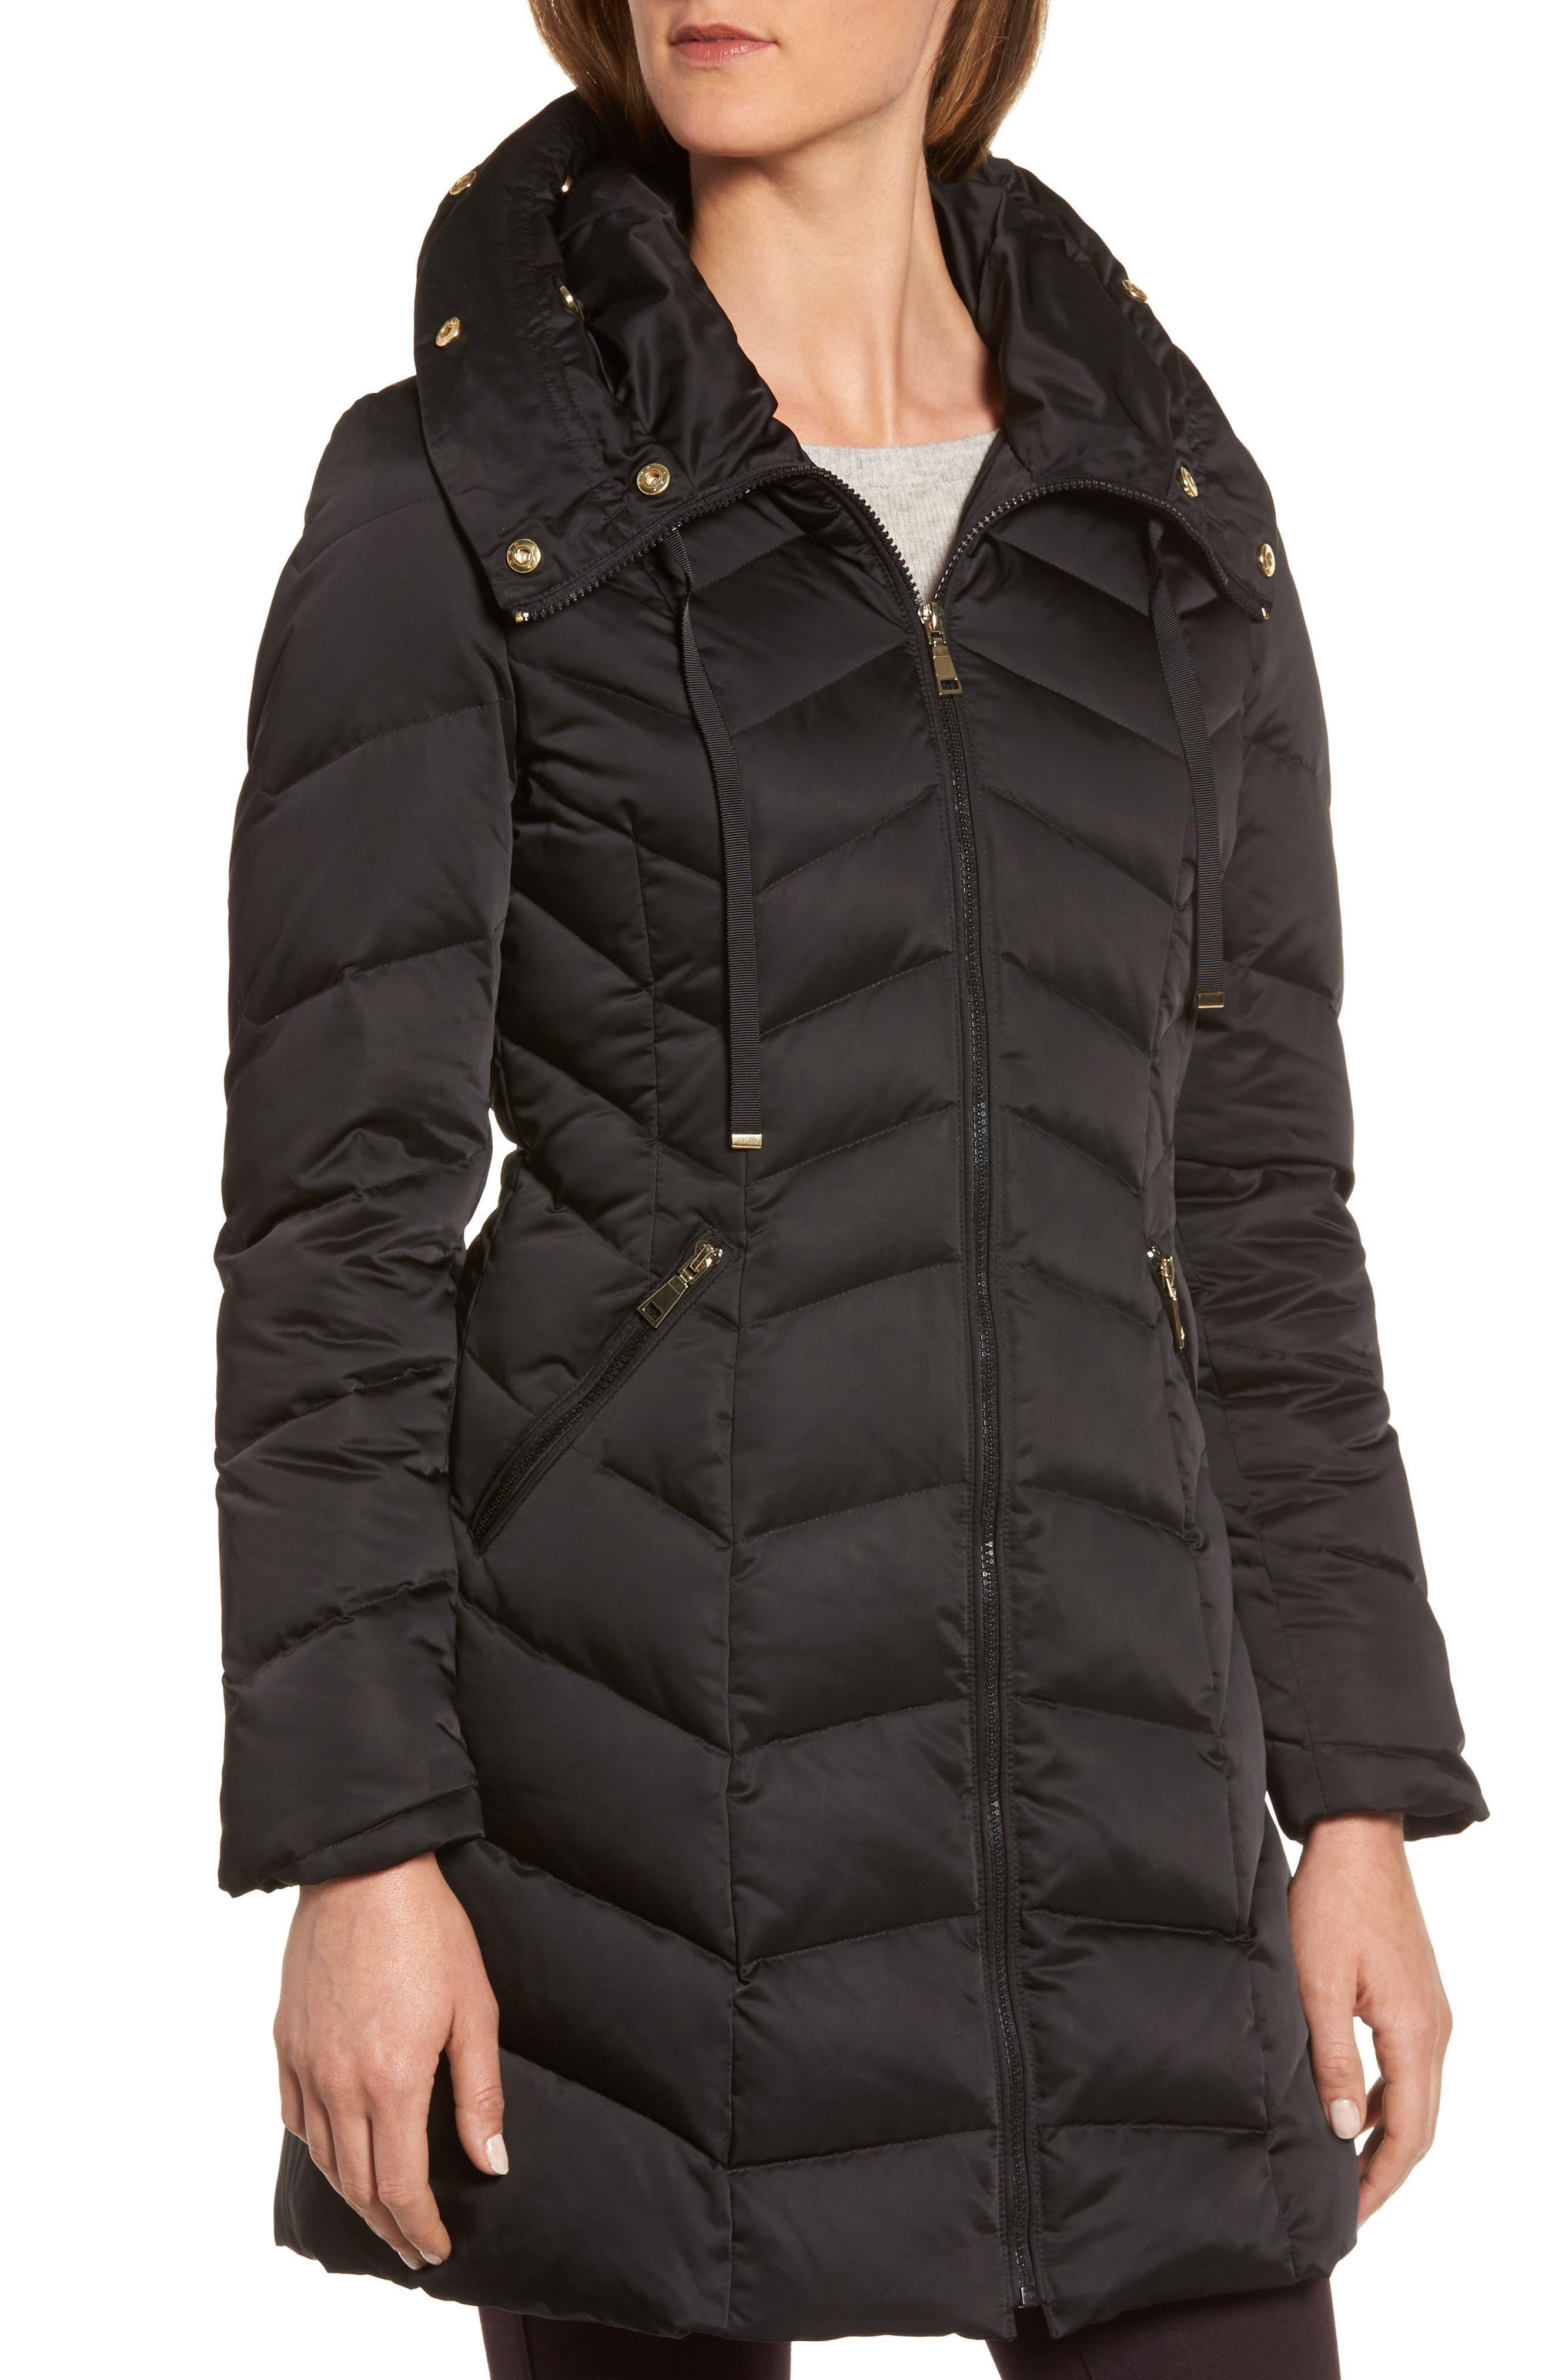 Gwen Chevron Down & Feather Faux Fur Coat,                             Alternate thumbnail 4, color,                             BLACK